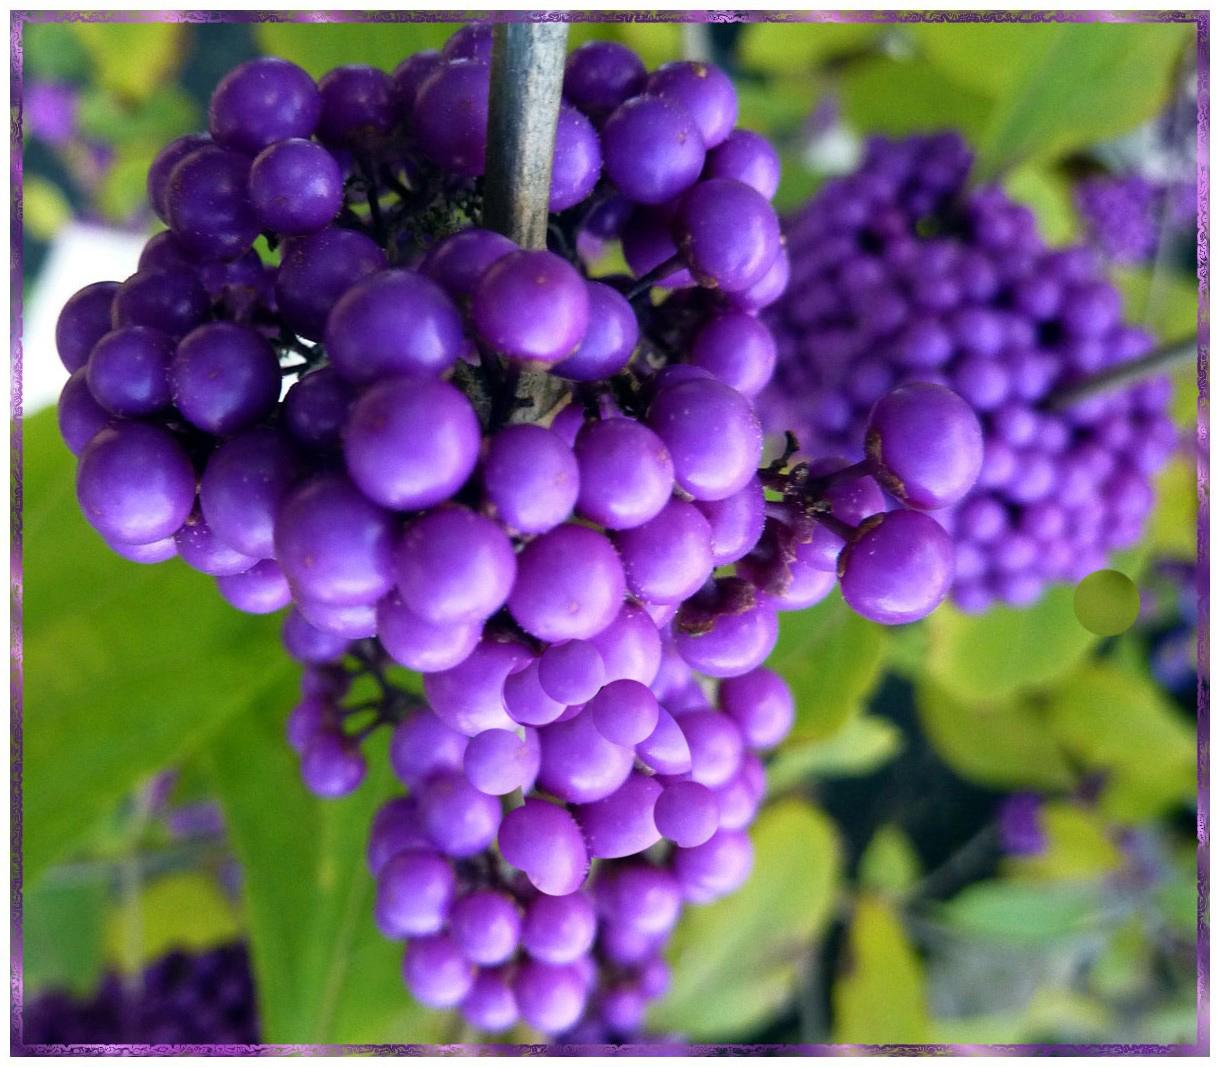 Schönfrucht in LILA